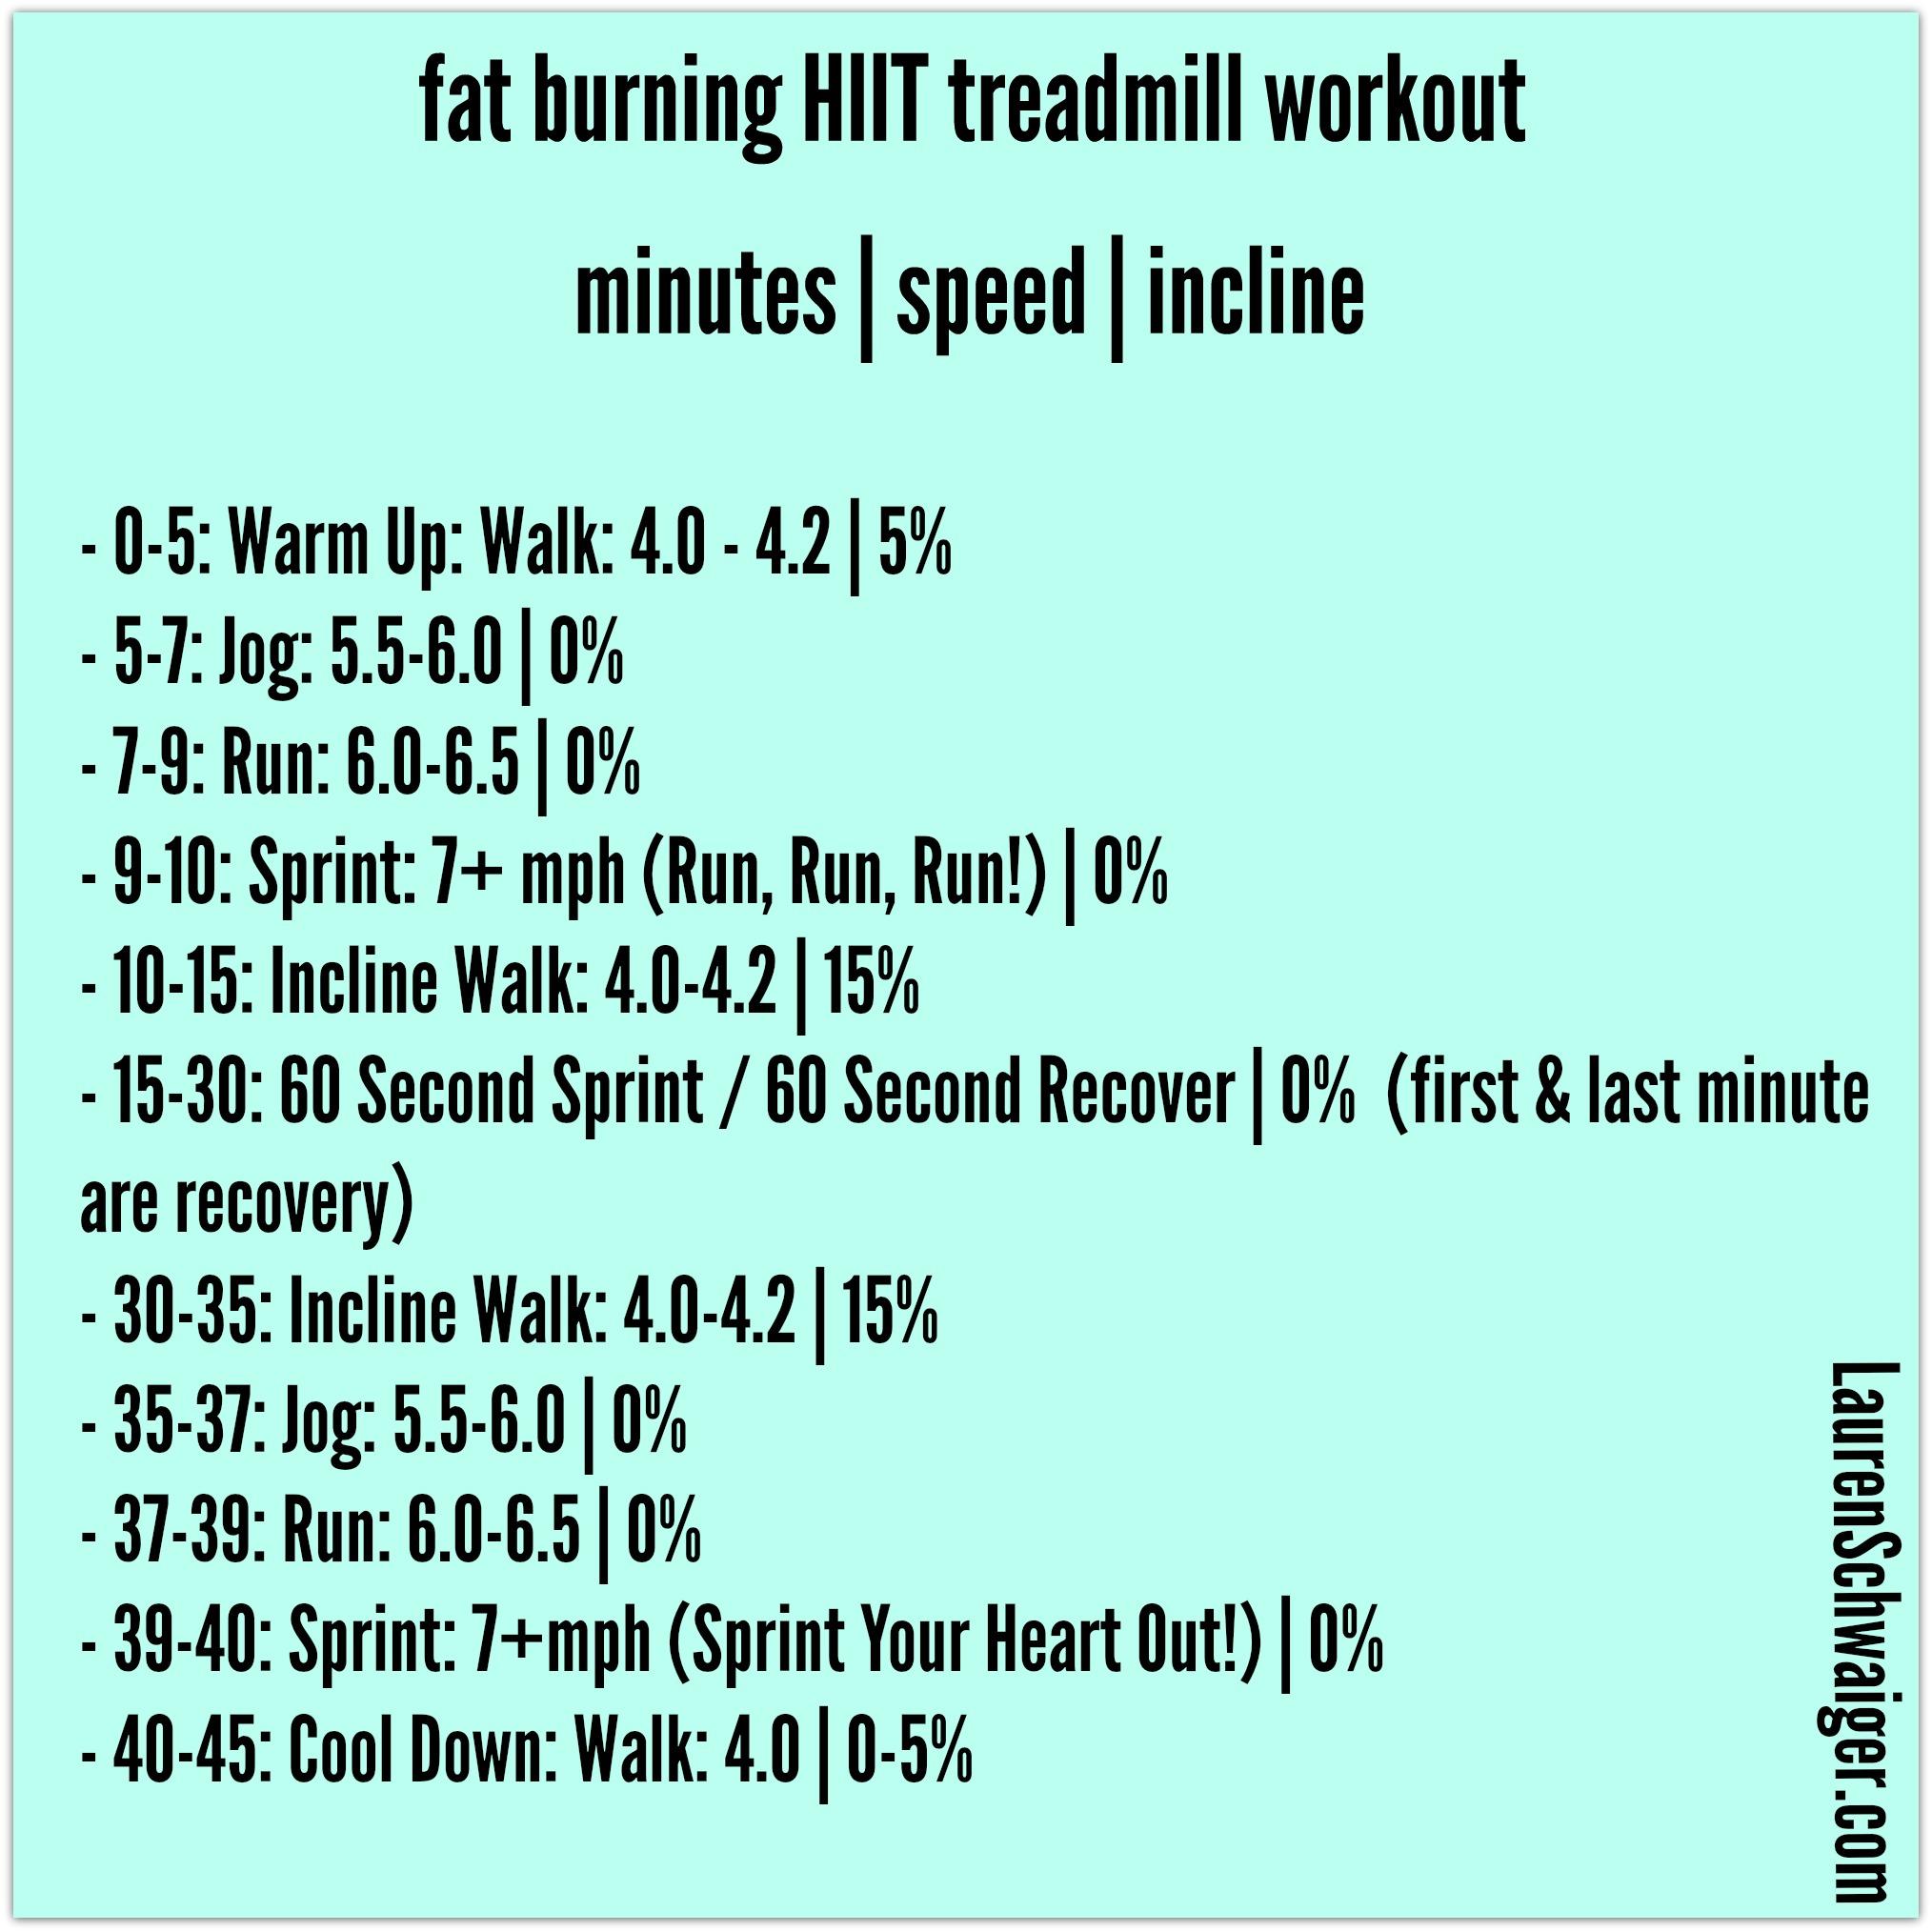 Fat Burning HIIT Treadmill Workout - LaurenSchwaiger.com